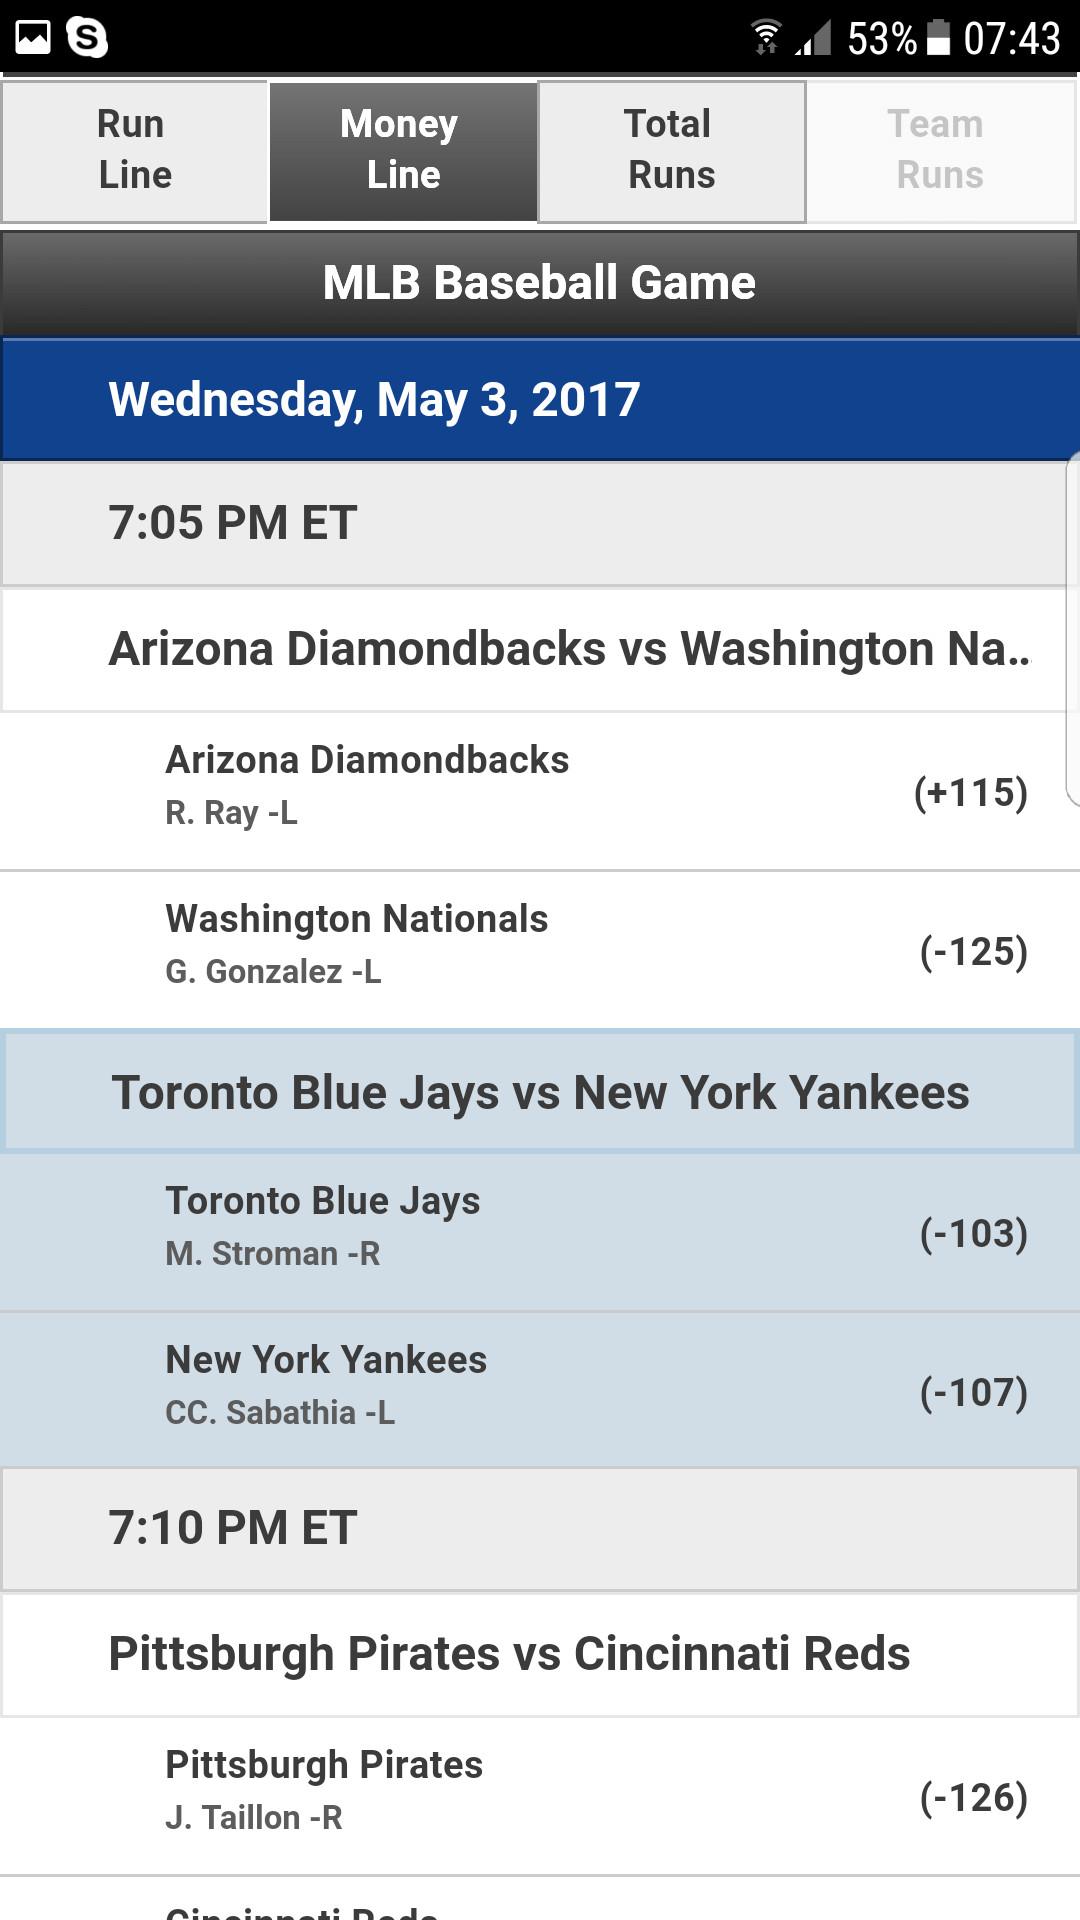 US Sportsbook Sportsbettting.ag real money